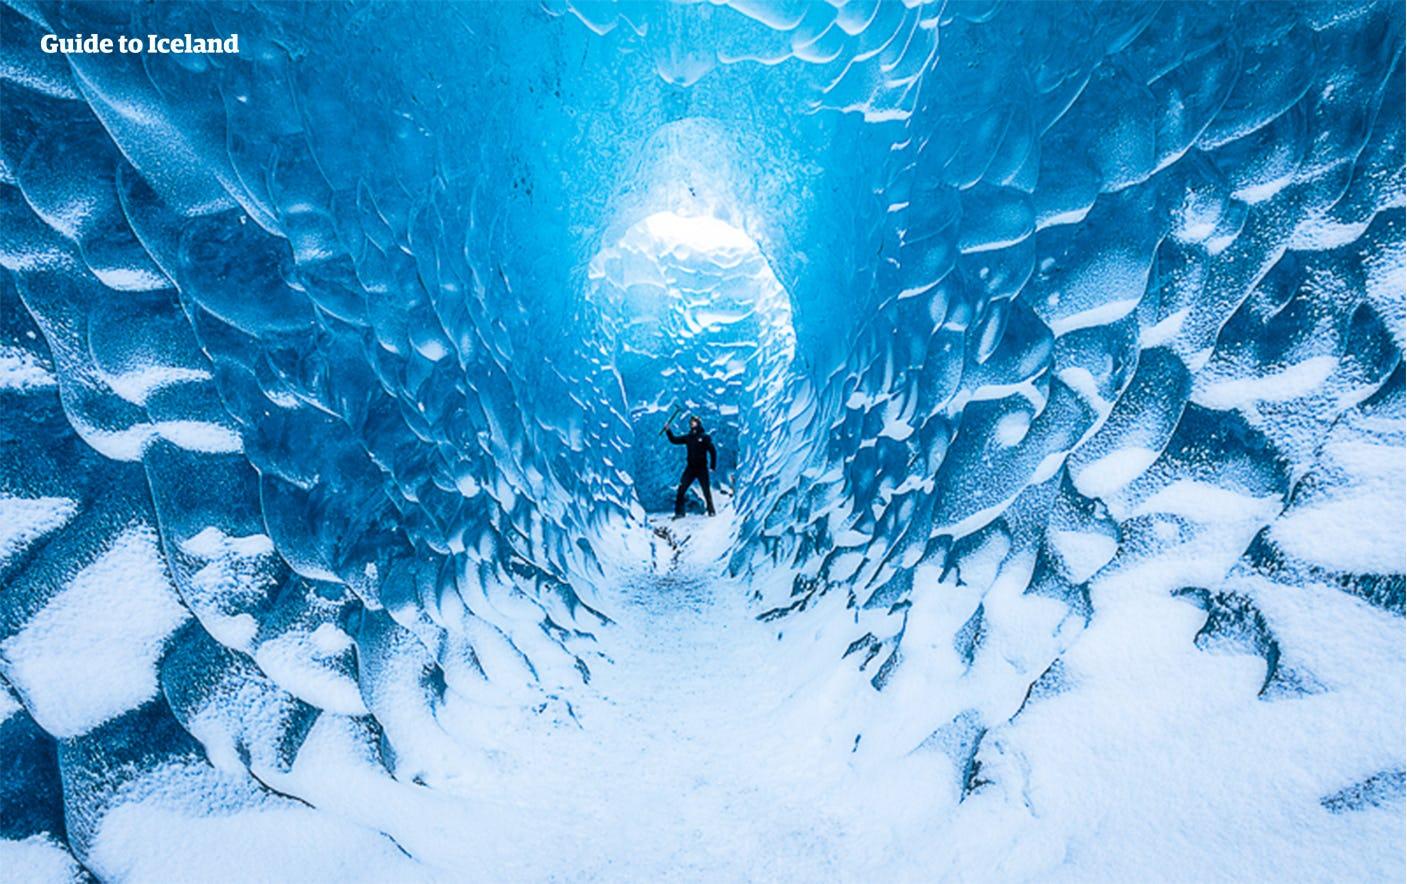 ภายในถ้ำน้ำแข็งในอุทยานแห่งชาติวัทนาโจกุล.